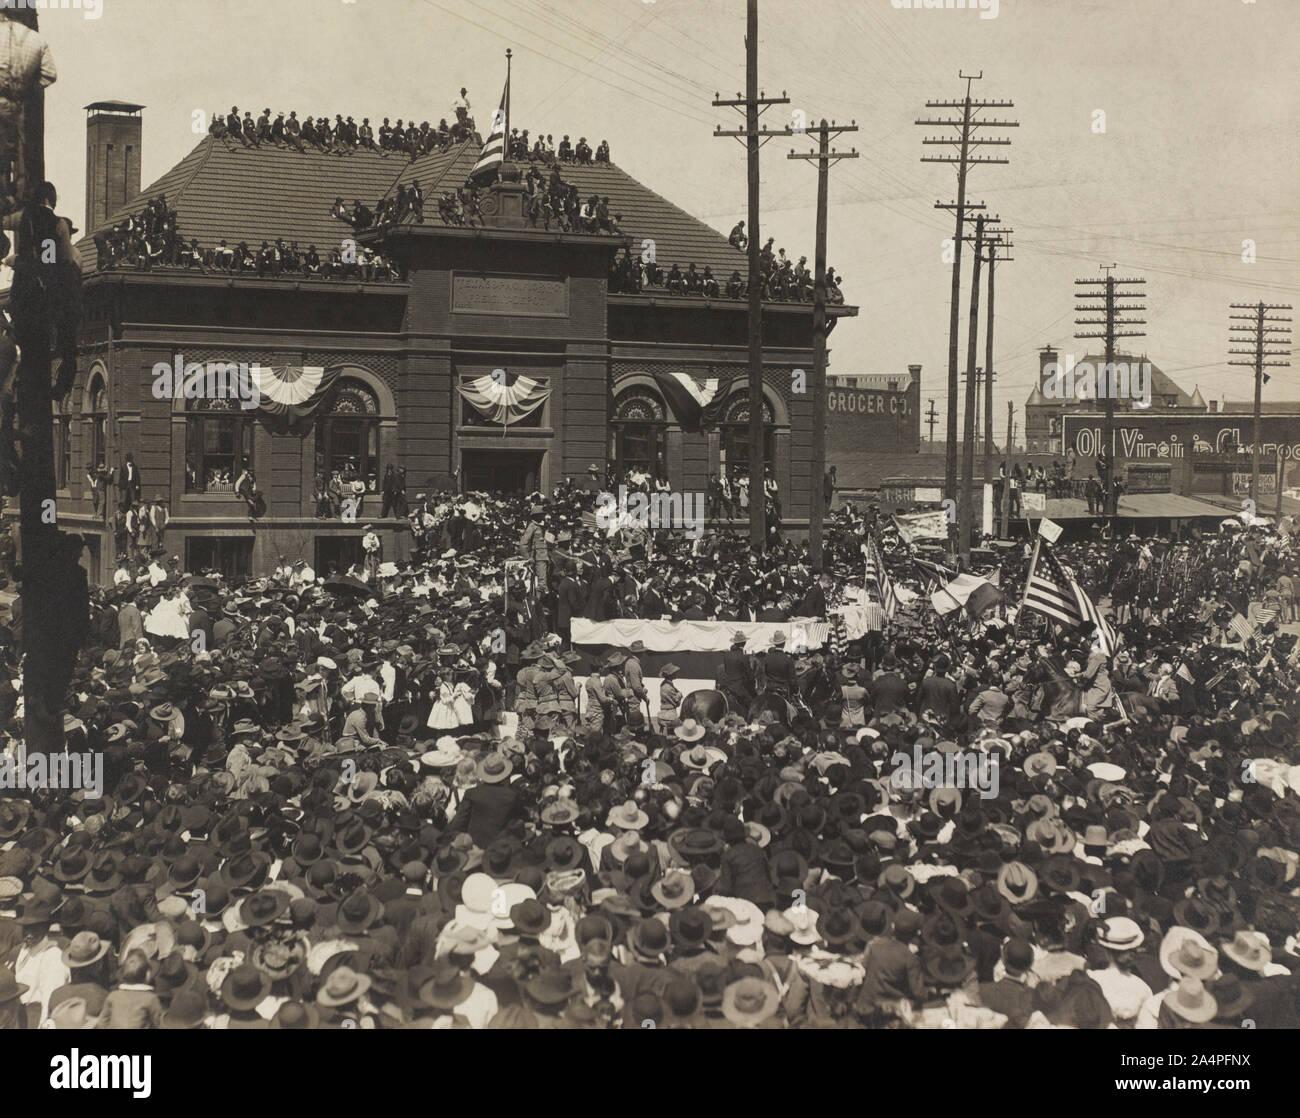 El Presidente de los Estados Unidos Theodore Roosevelt dando voz a la multitud en frente de Texas y Pacific Railroad Company Construcción, Fort Worth, Texas, Estados Unidos, Fotografía por Charles L. Swartz, abril de 1905 Foto de stock